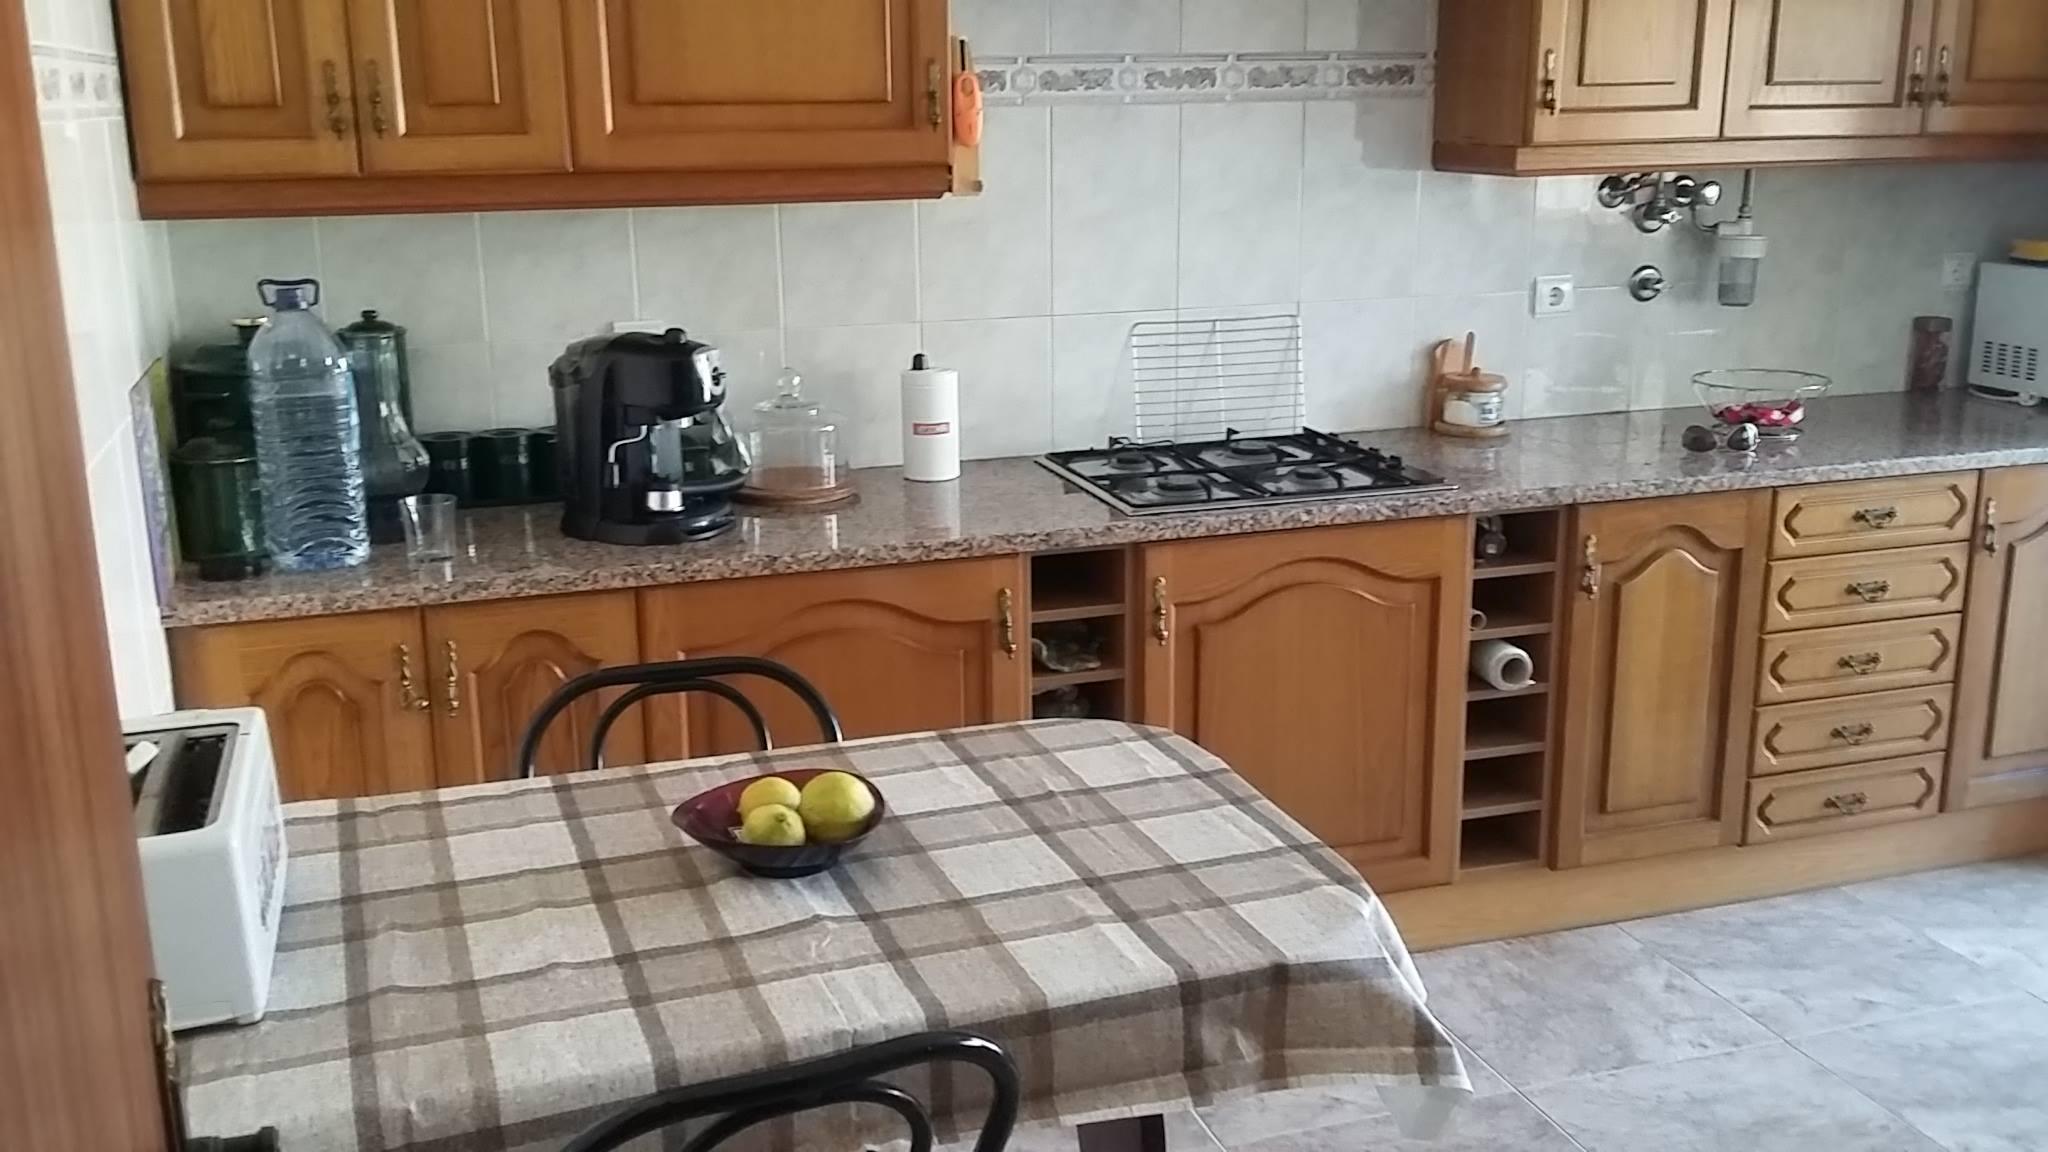 Location appartements et villas de vacance, Casa Vista Mar – Pêra – Armação de Pêra – Algarve. à Pêra, Portugal Algarve, REF_IMG_541_552